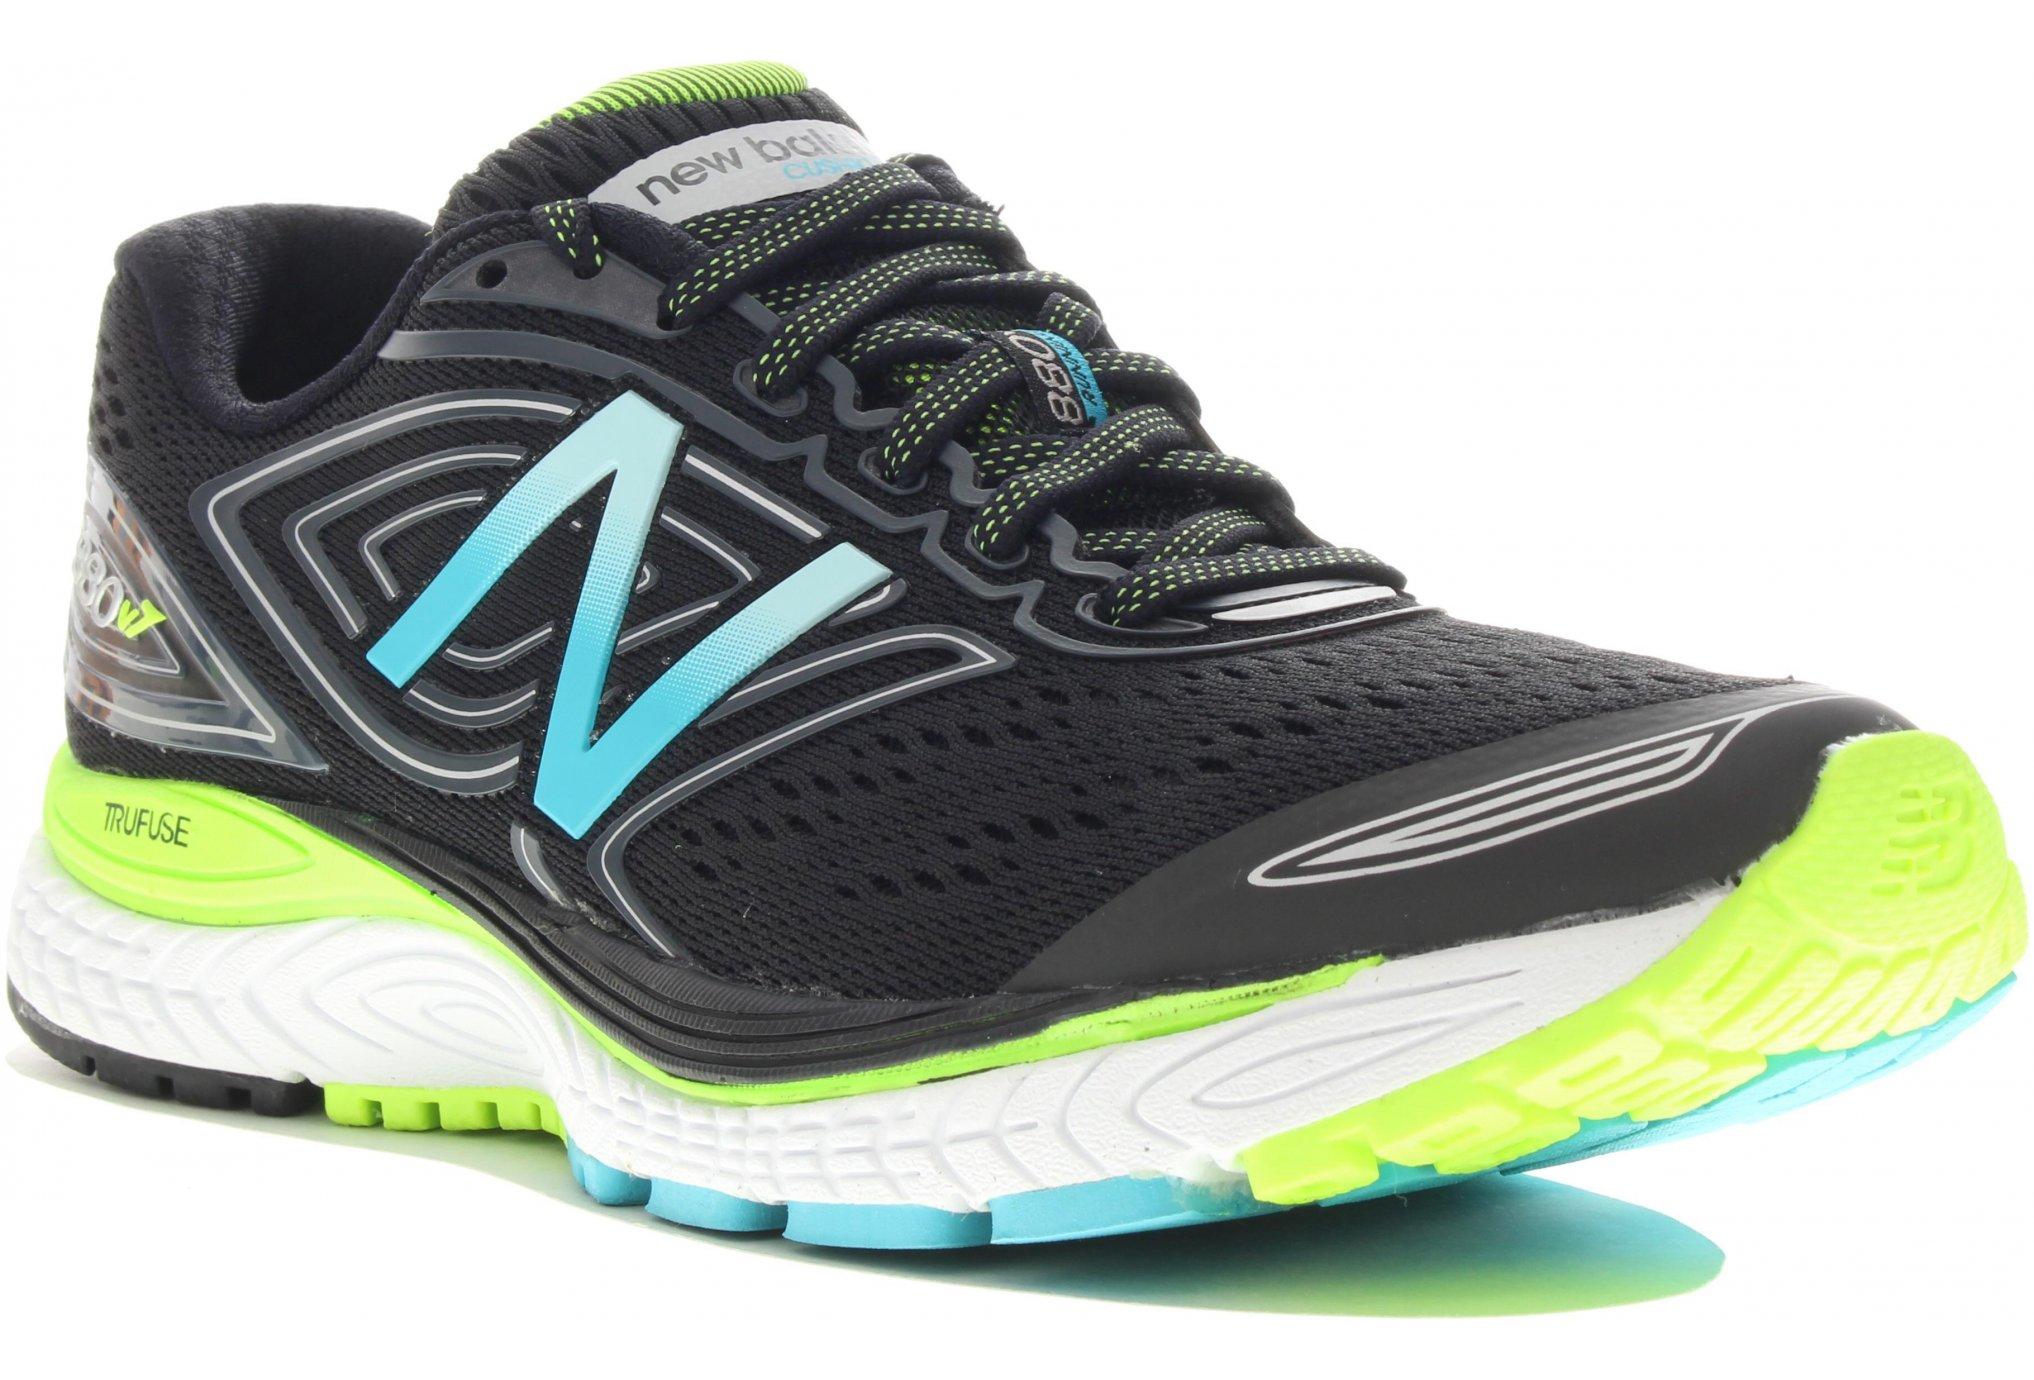 New Balance W 880 V7 - B Diététique Chaussures femme